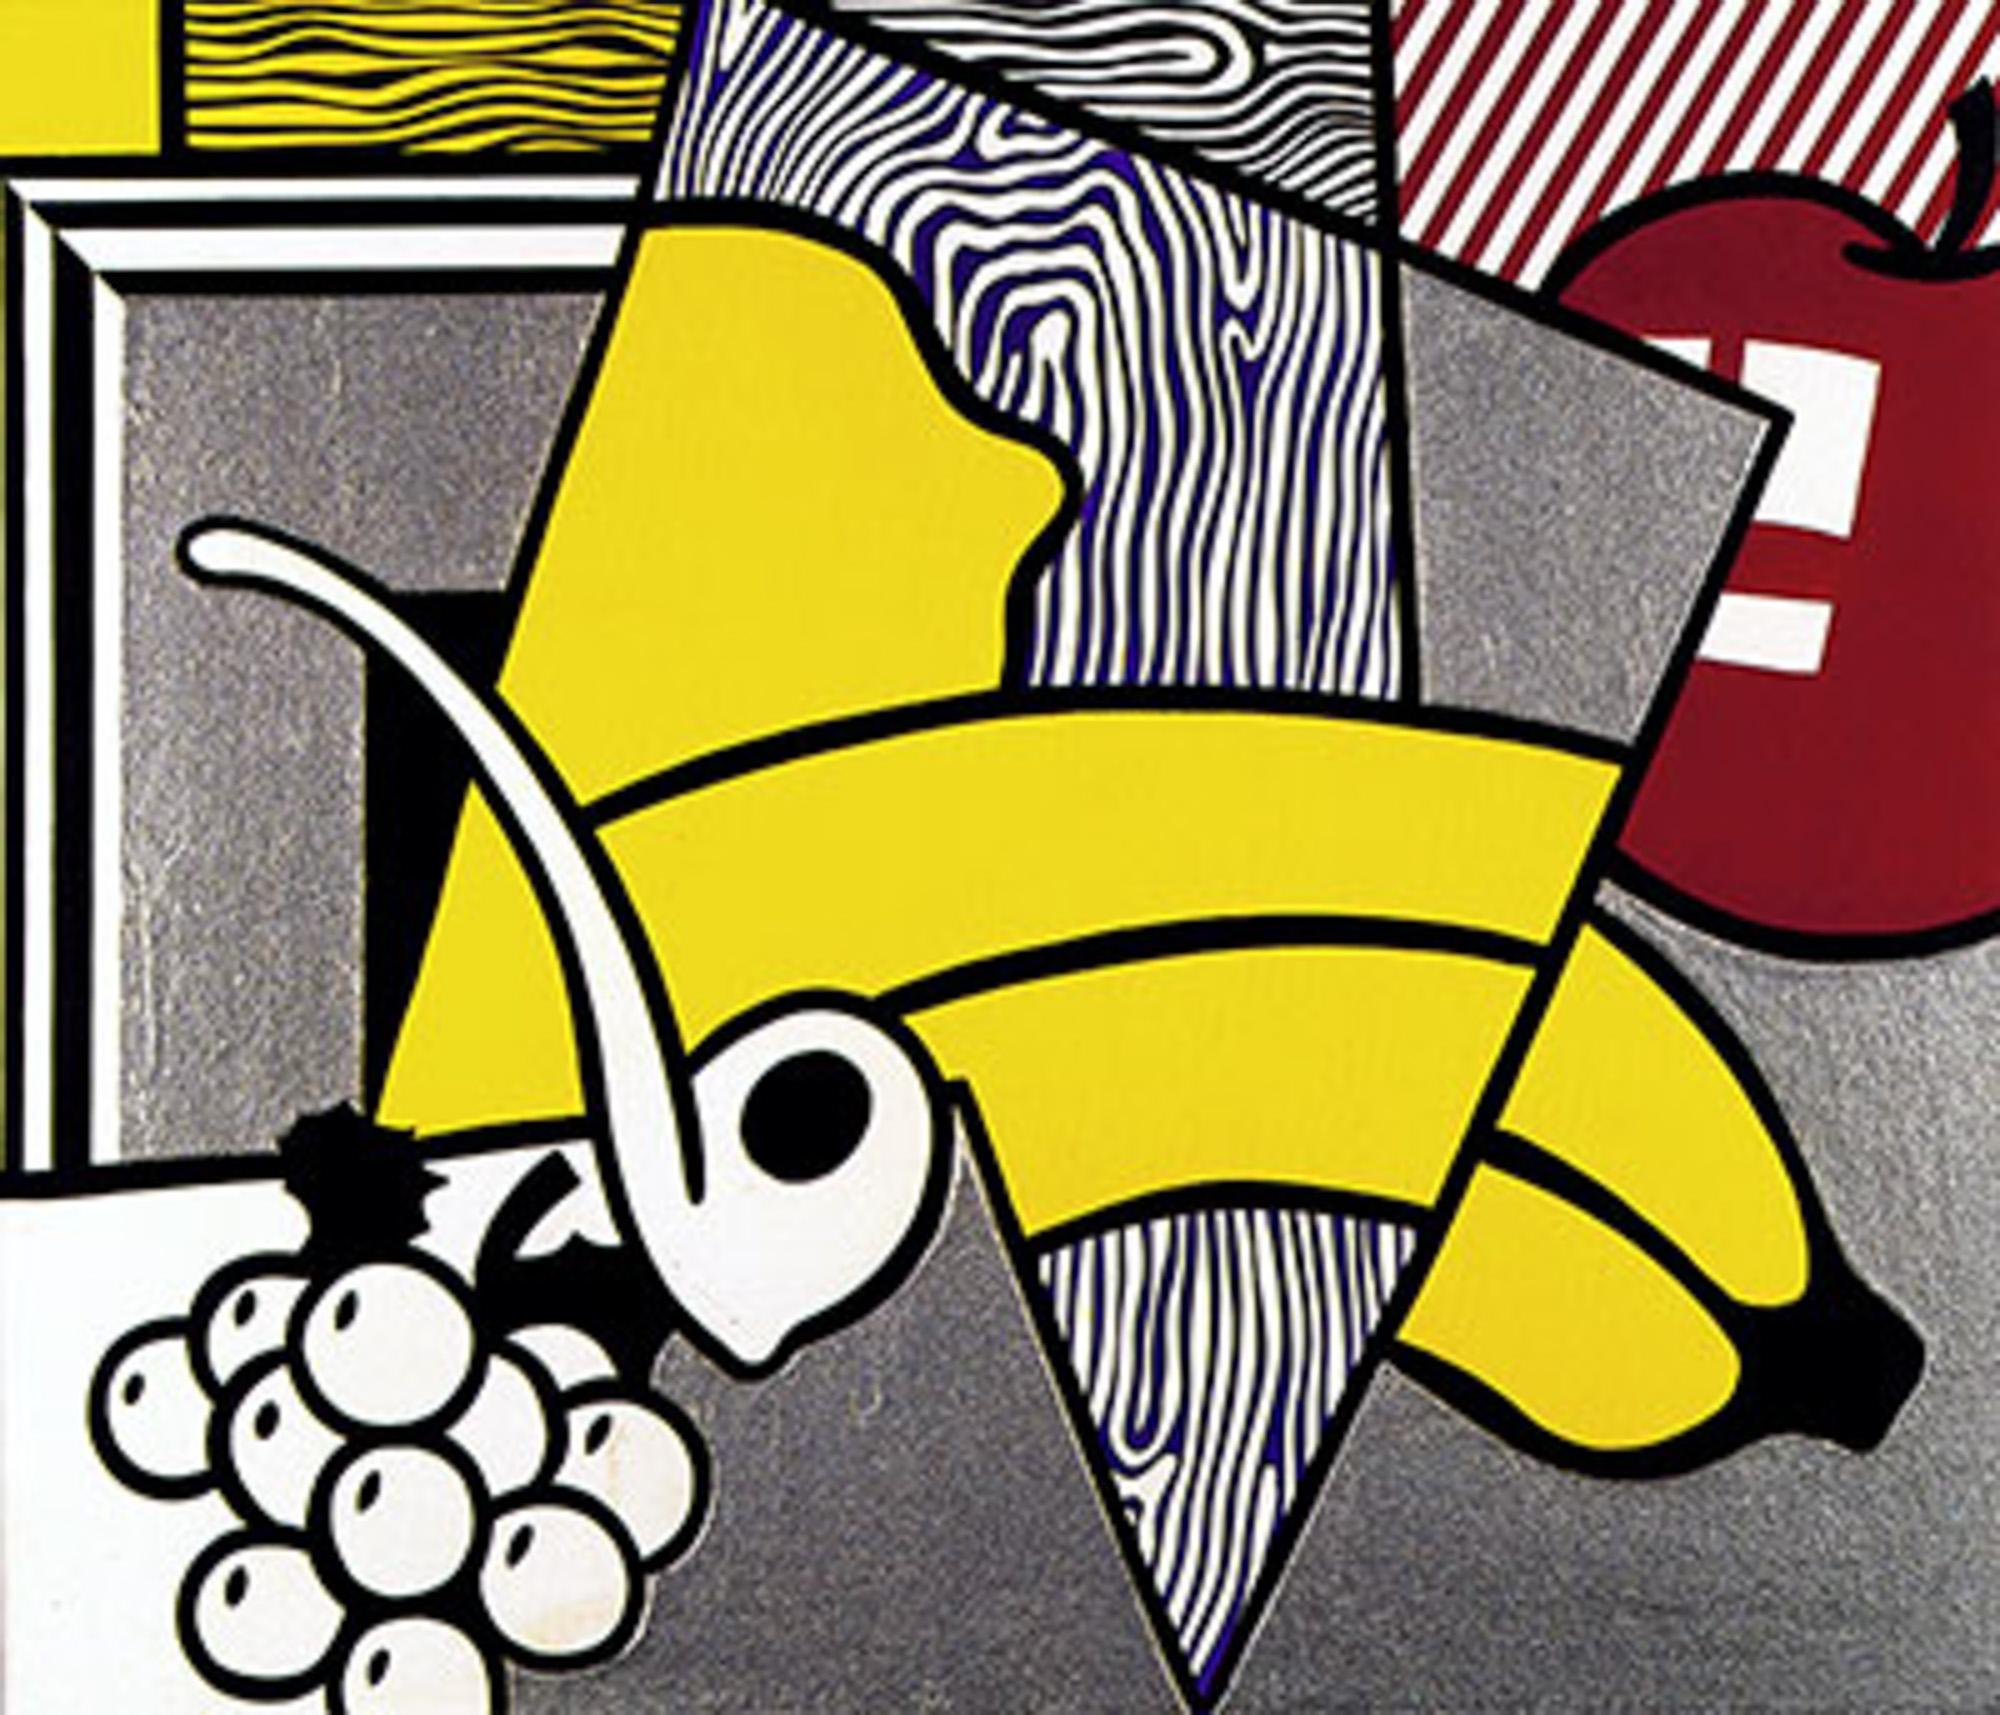 Roy Lichtenstein art 27